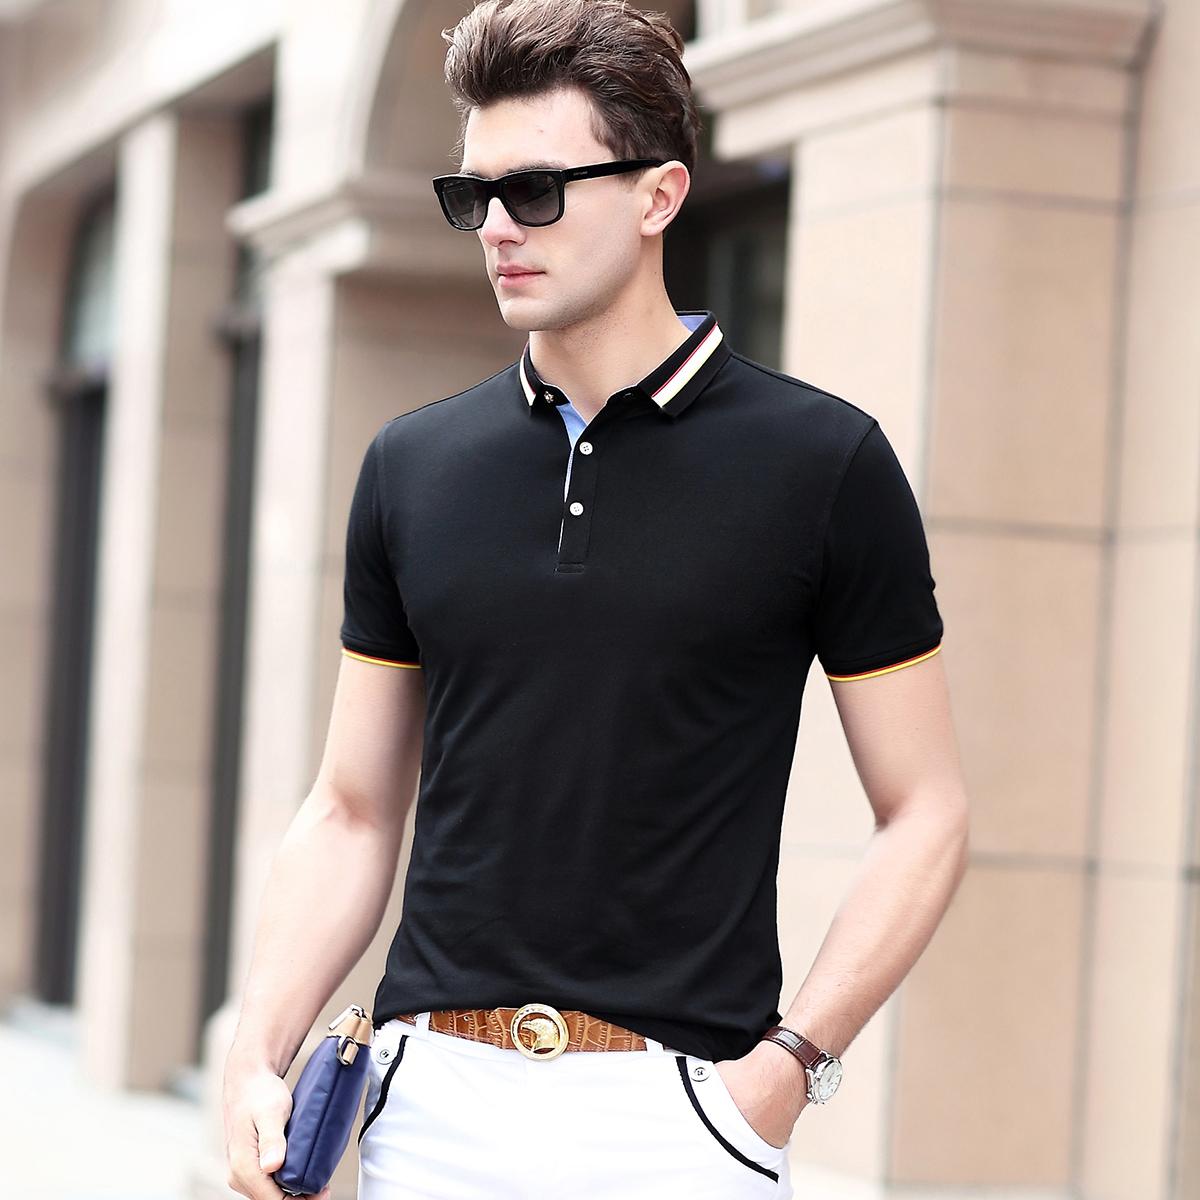 啄木鸟男装短袖t恤男士商务休闲中青年时尚翻领撞色polo衫夏装潮